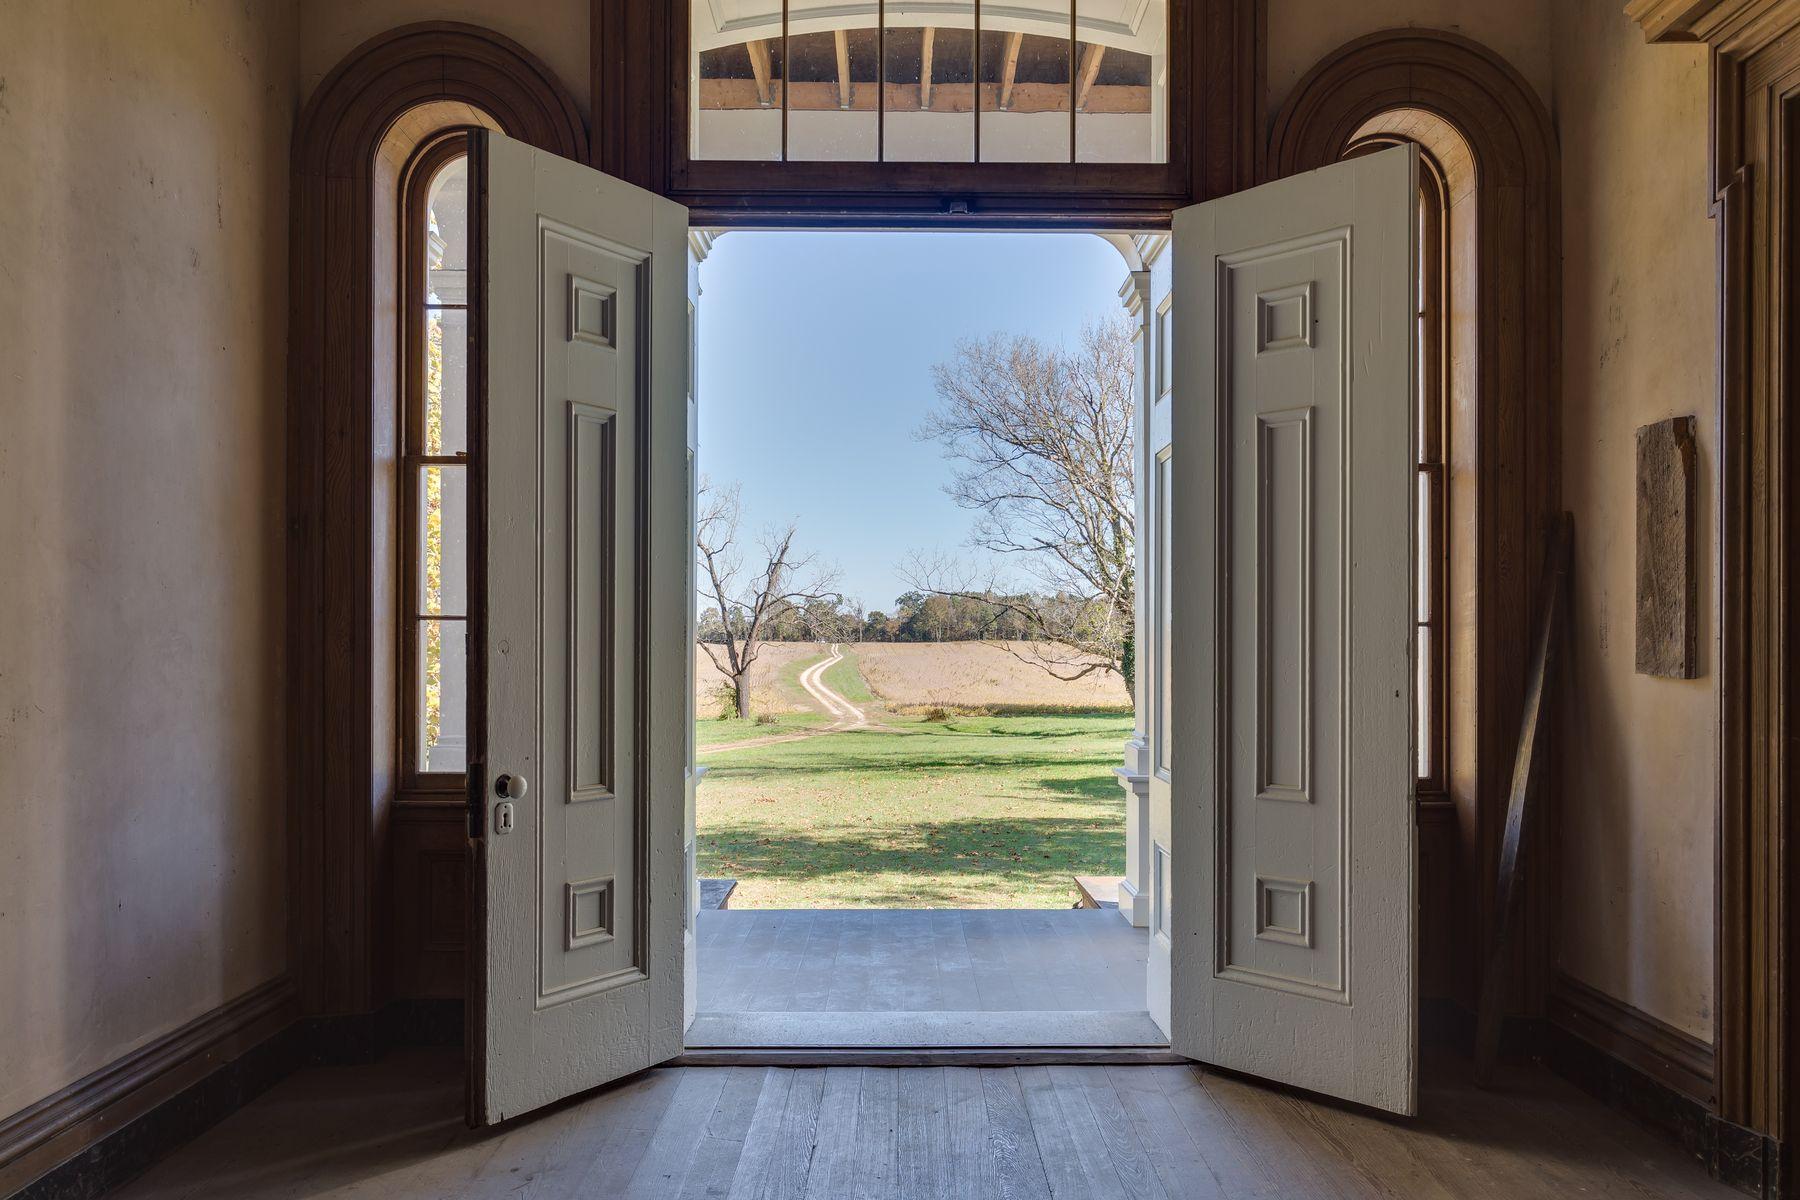 단독 가정 주택 용 매매 에 Spring Grove 19370 Mattaponi Trl Milford, 버지니아 22514 미국